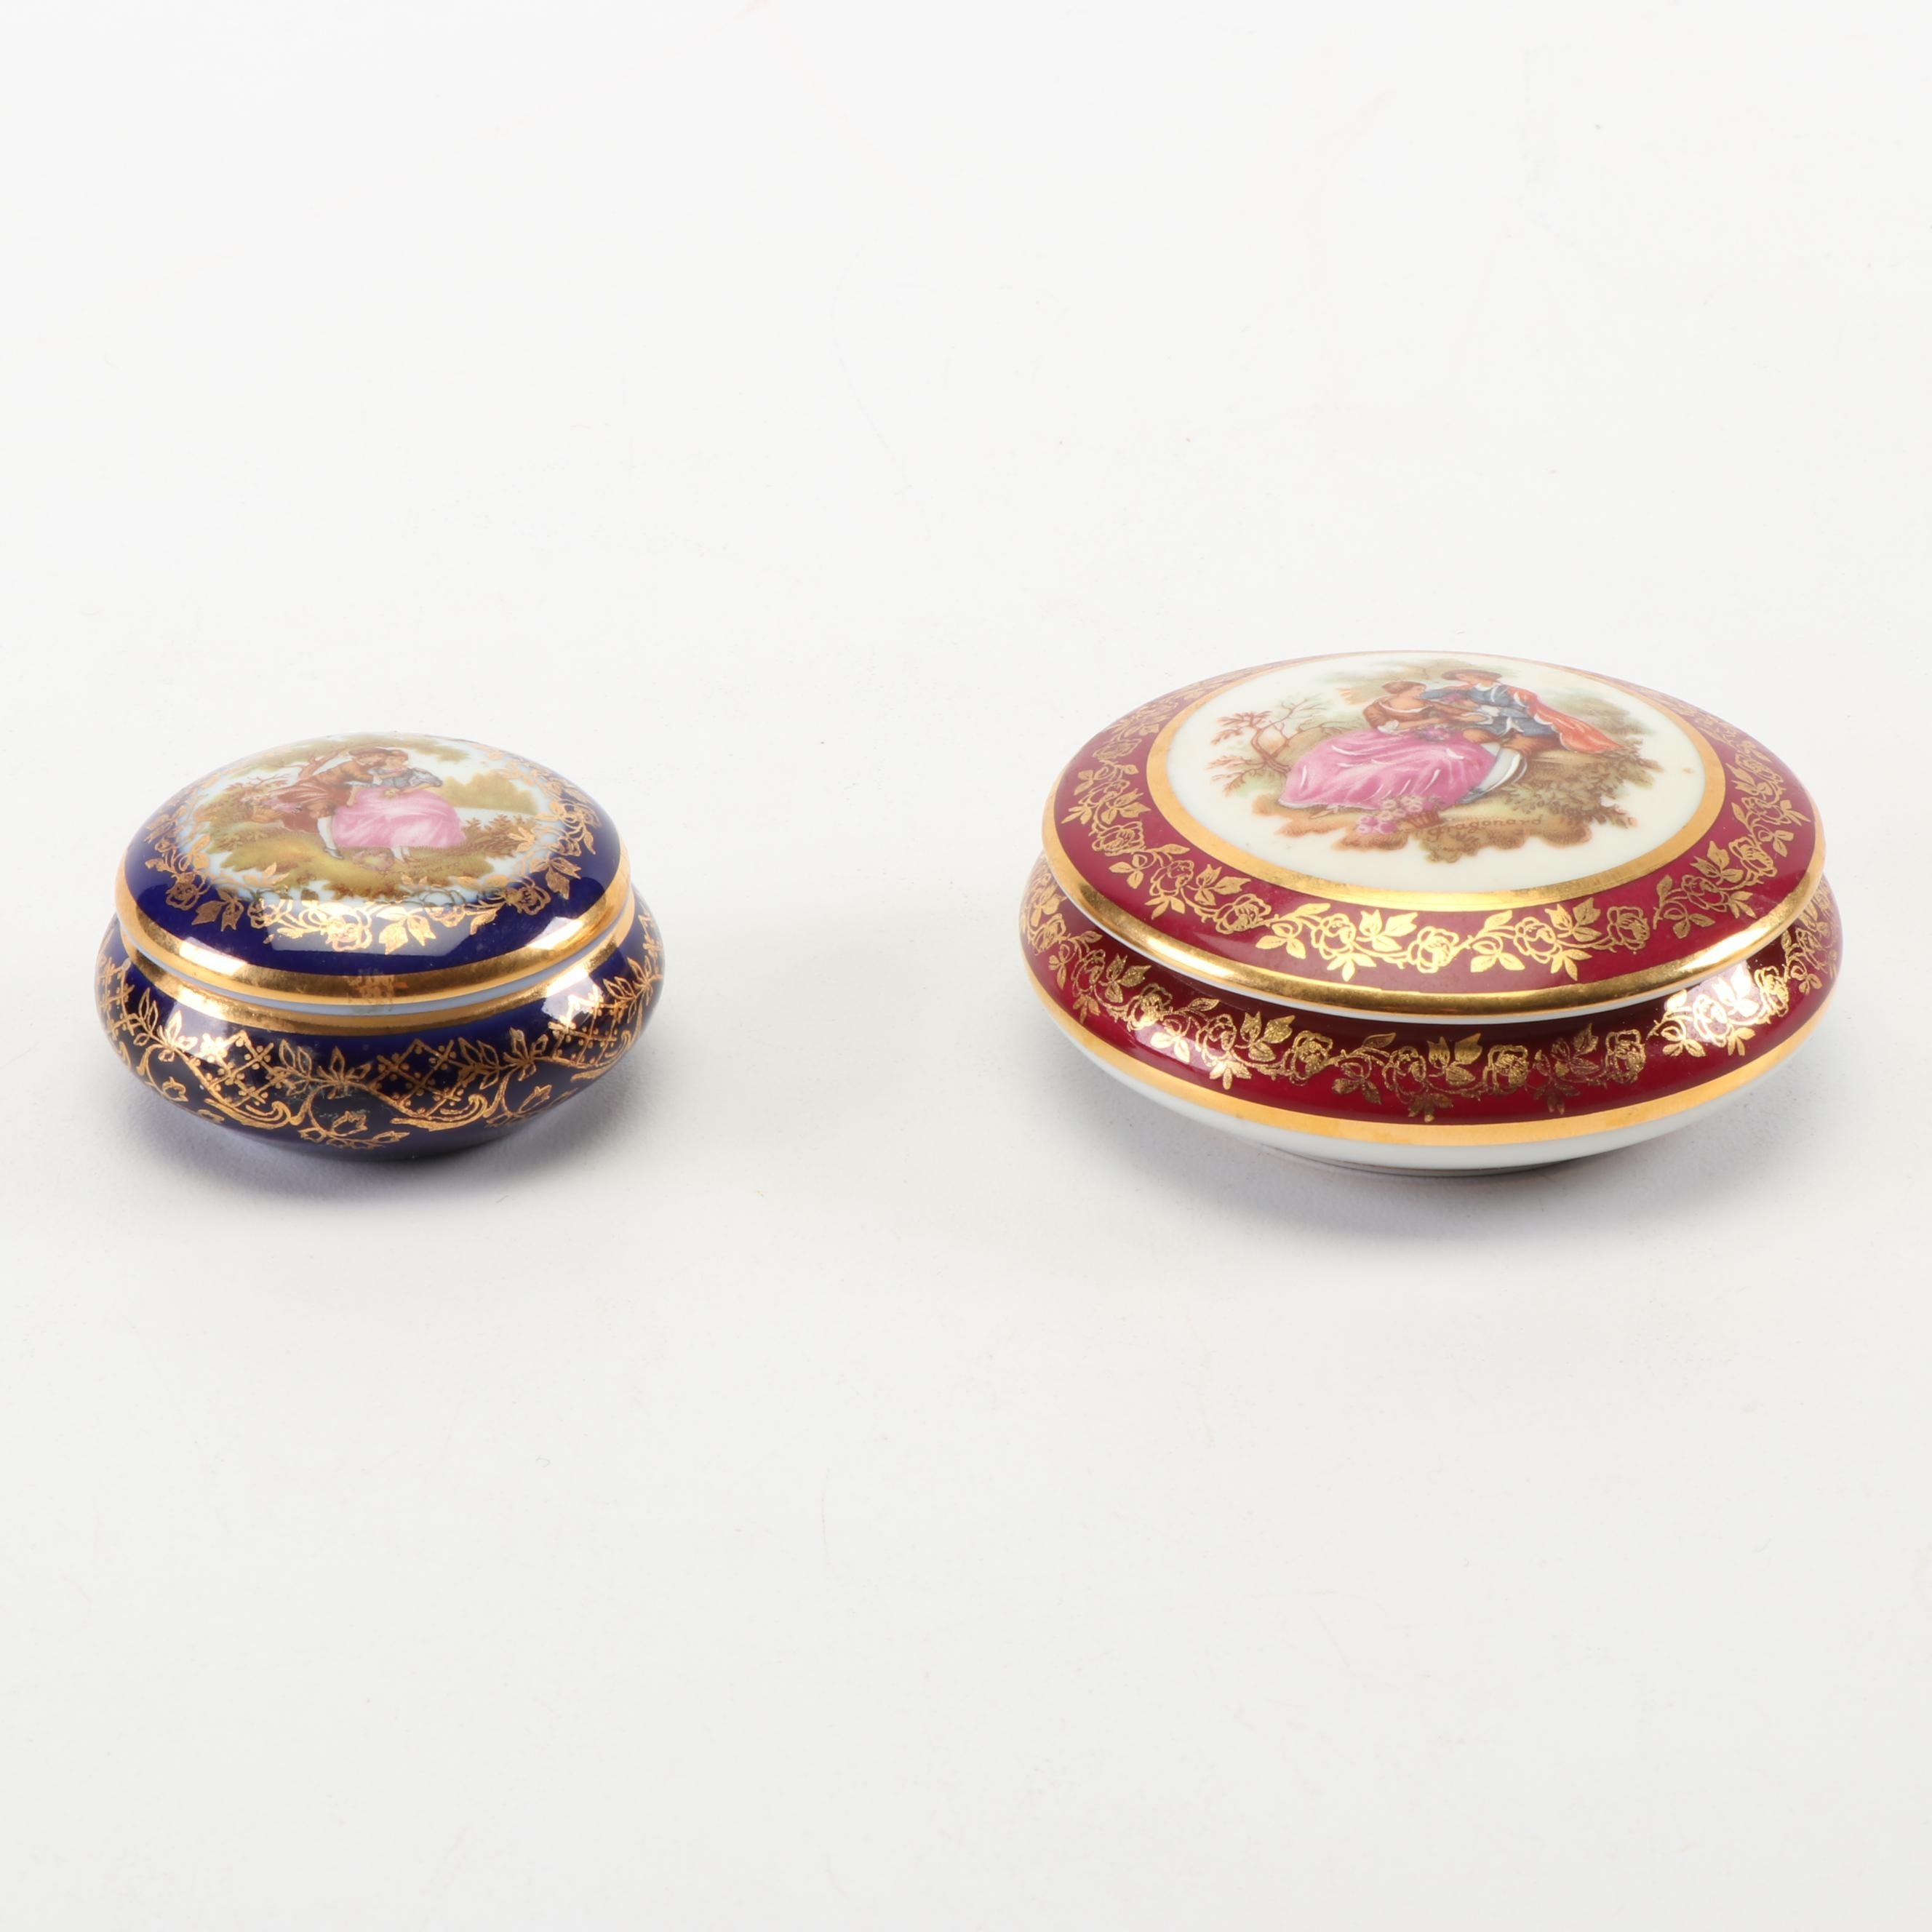 Limoges Porcelain Trinket Boxes including Prevot